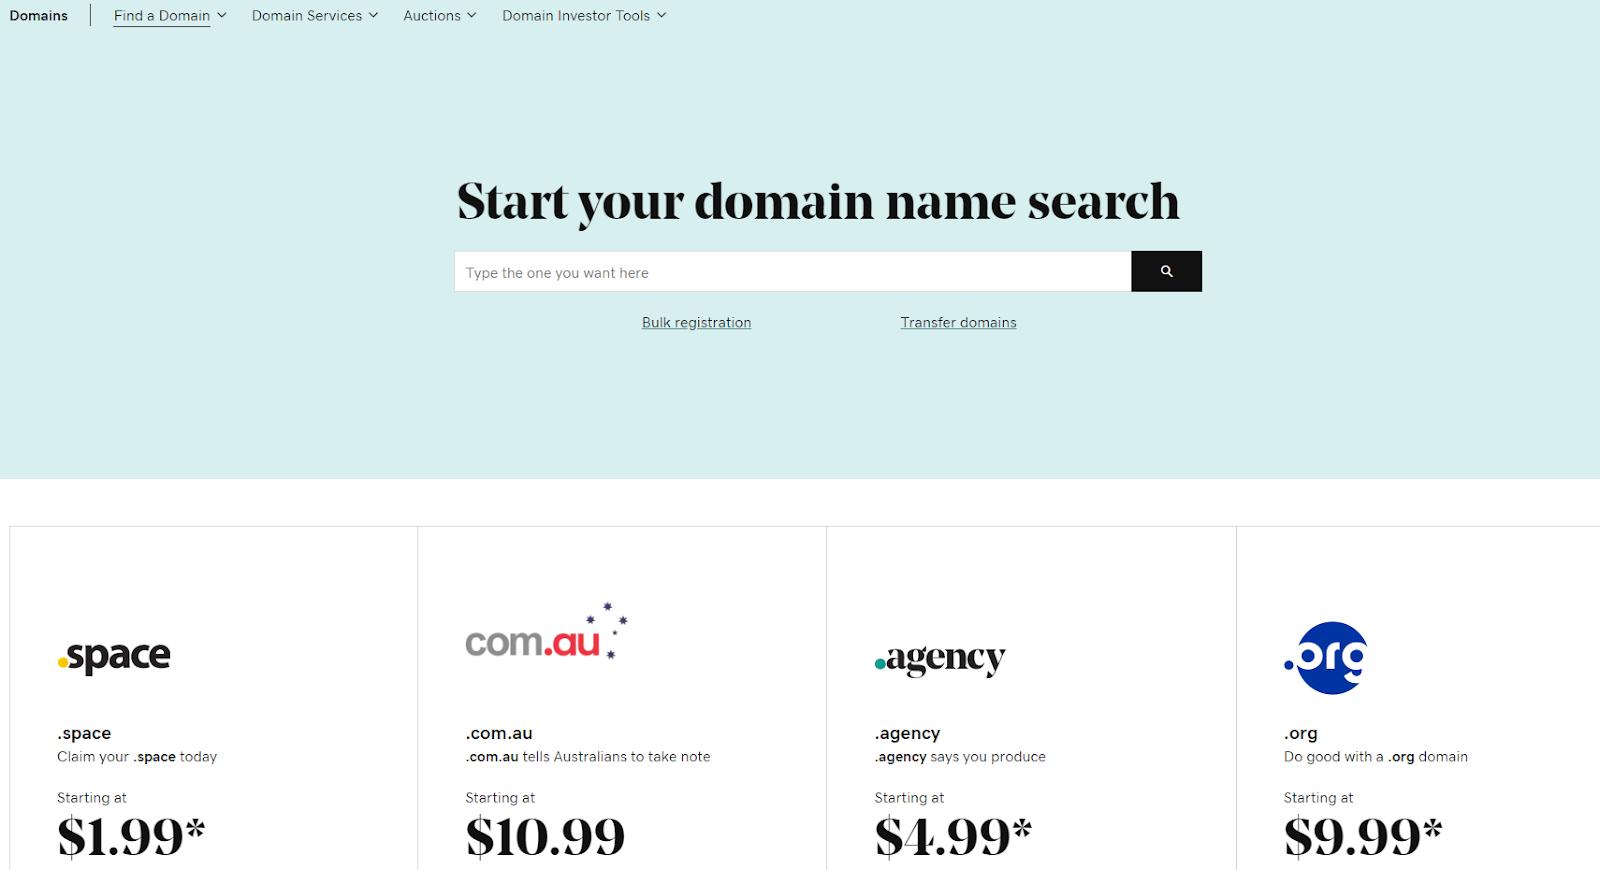 GoDaddy's domain name search webpage